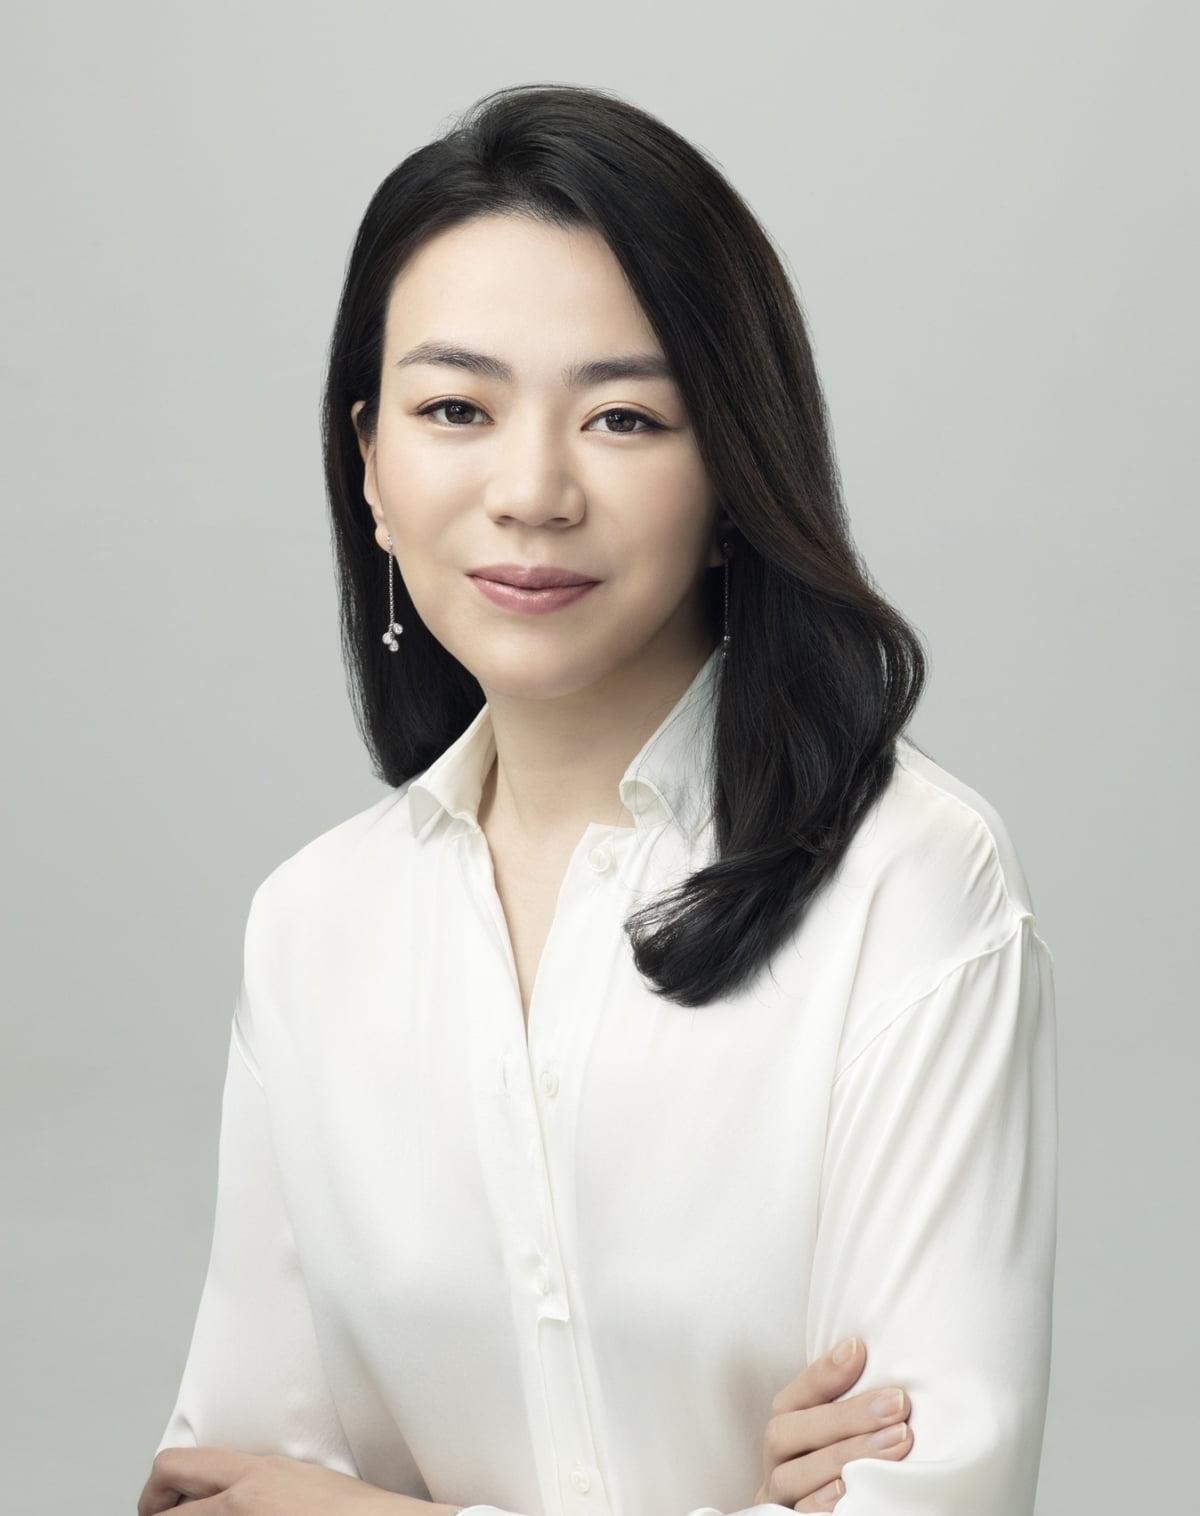 `조현아 연합` 한진칼 전문경영인에 김신배 前 SK 부회장 추천